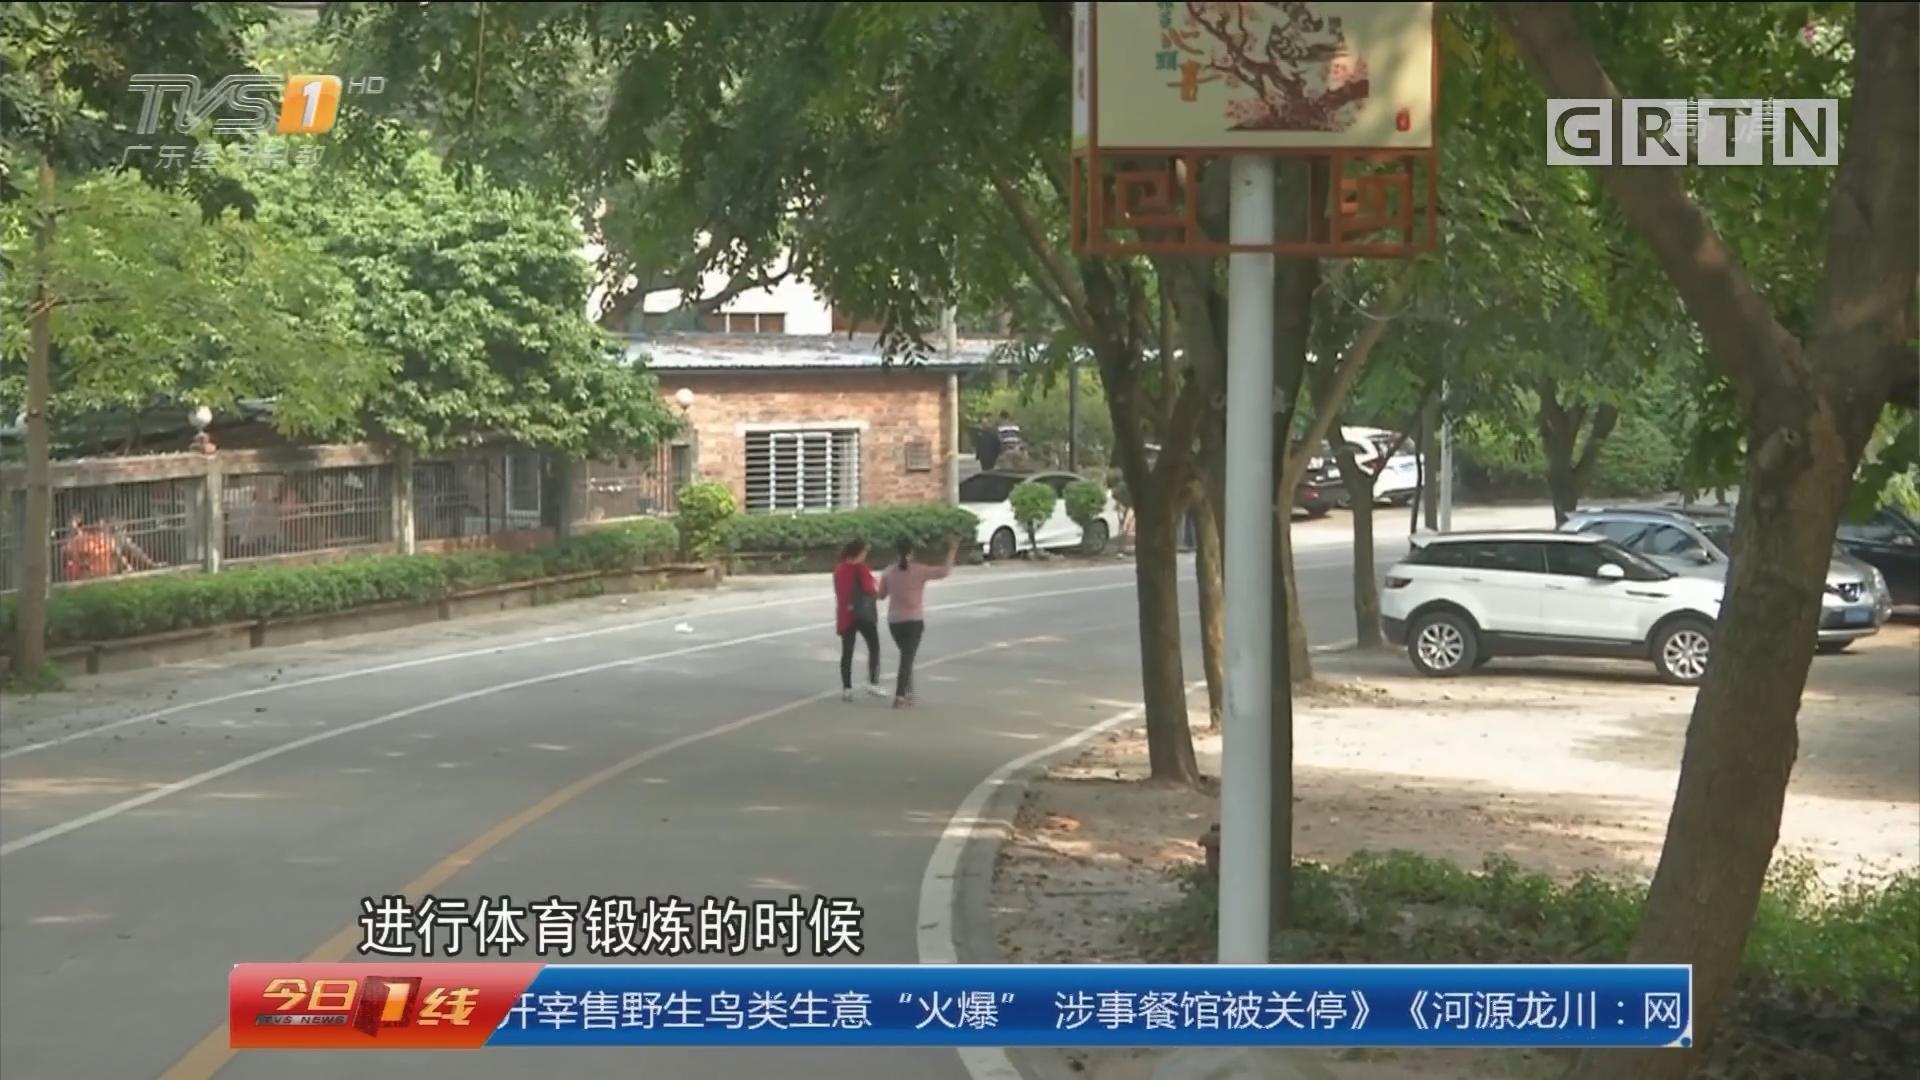 东莞:女子晨练被捂嘴拖行 警方当场擒凶